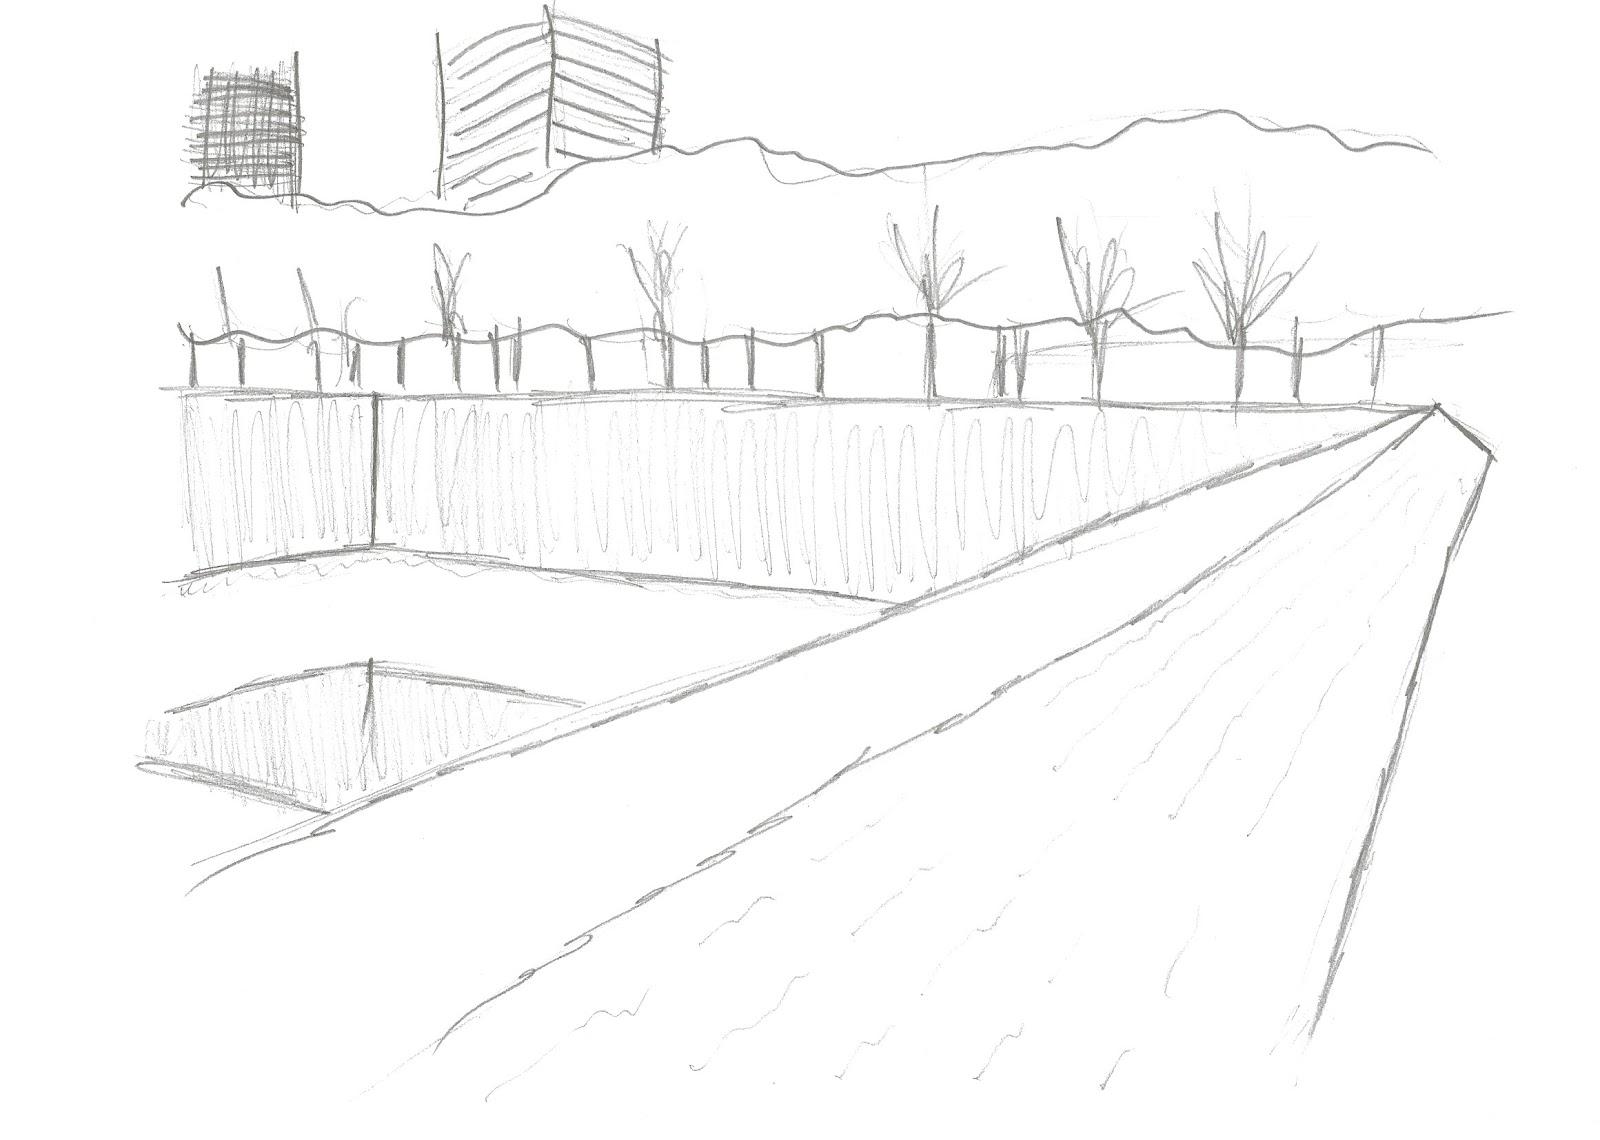 Mmu Landscape Architecture Karl Glenn 5 Sketches